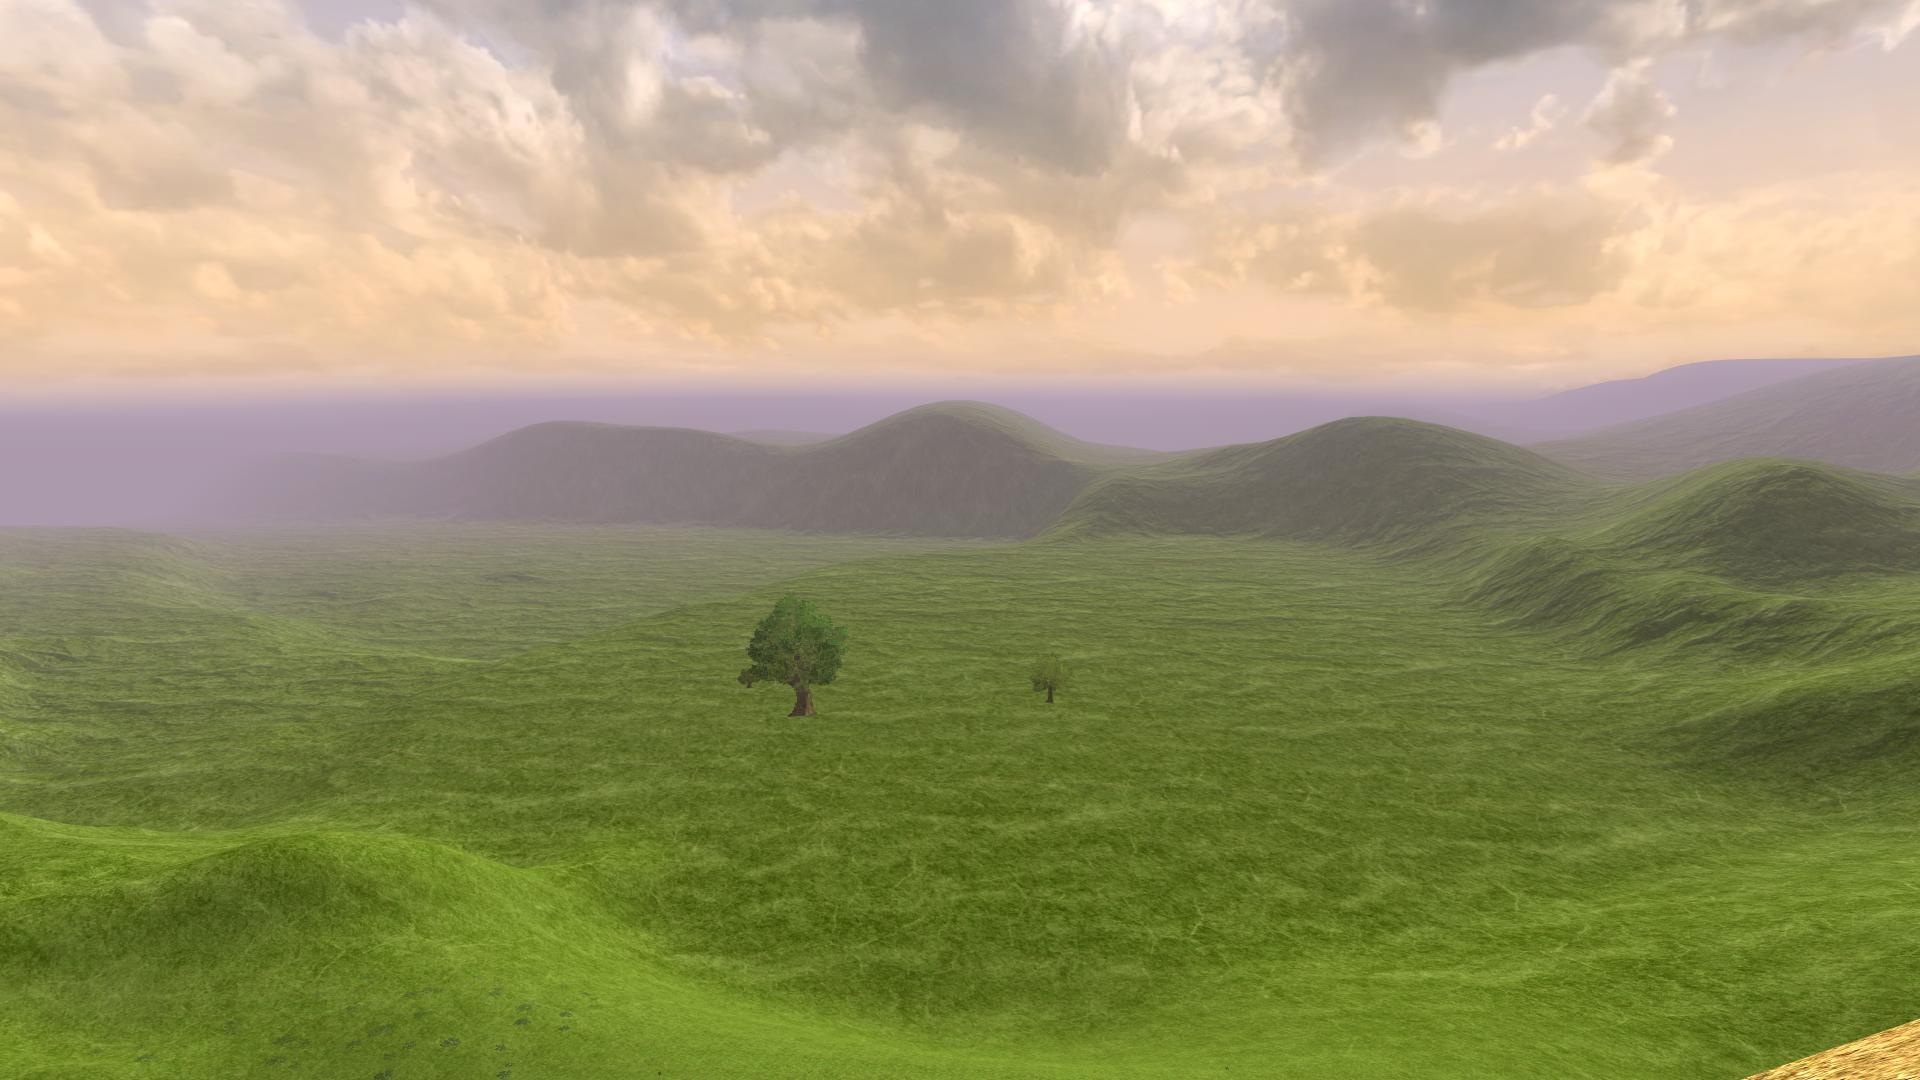 zeme nikoho 1